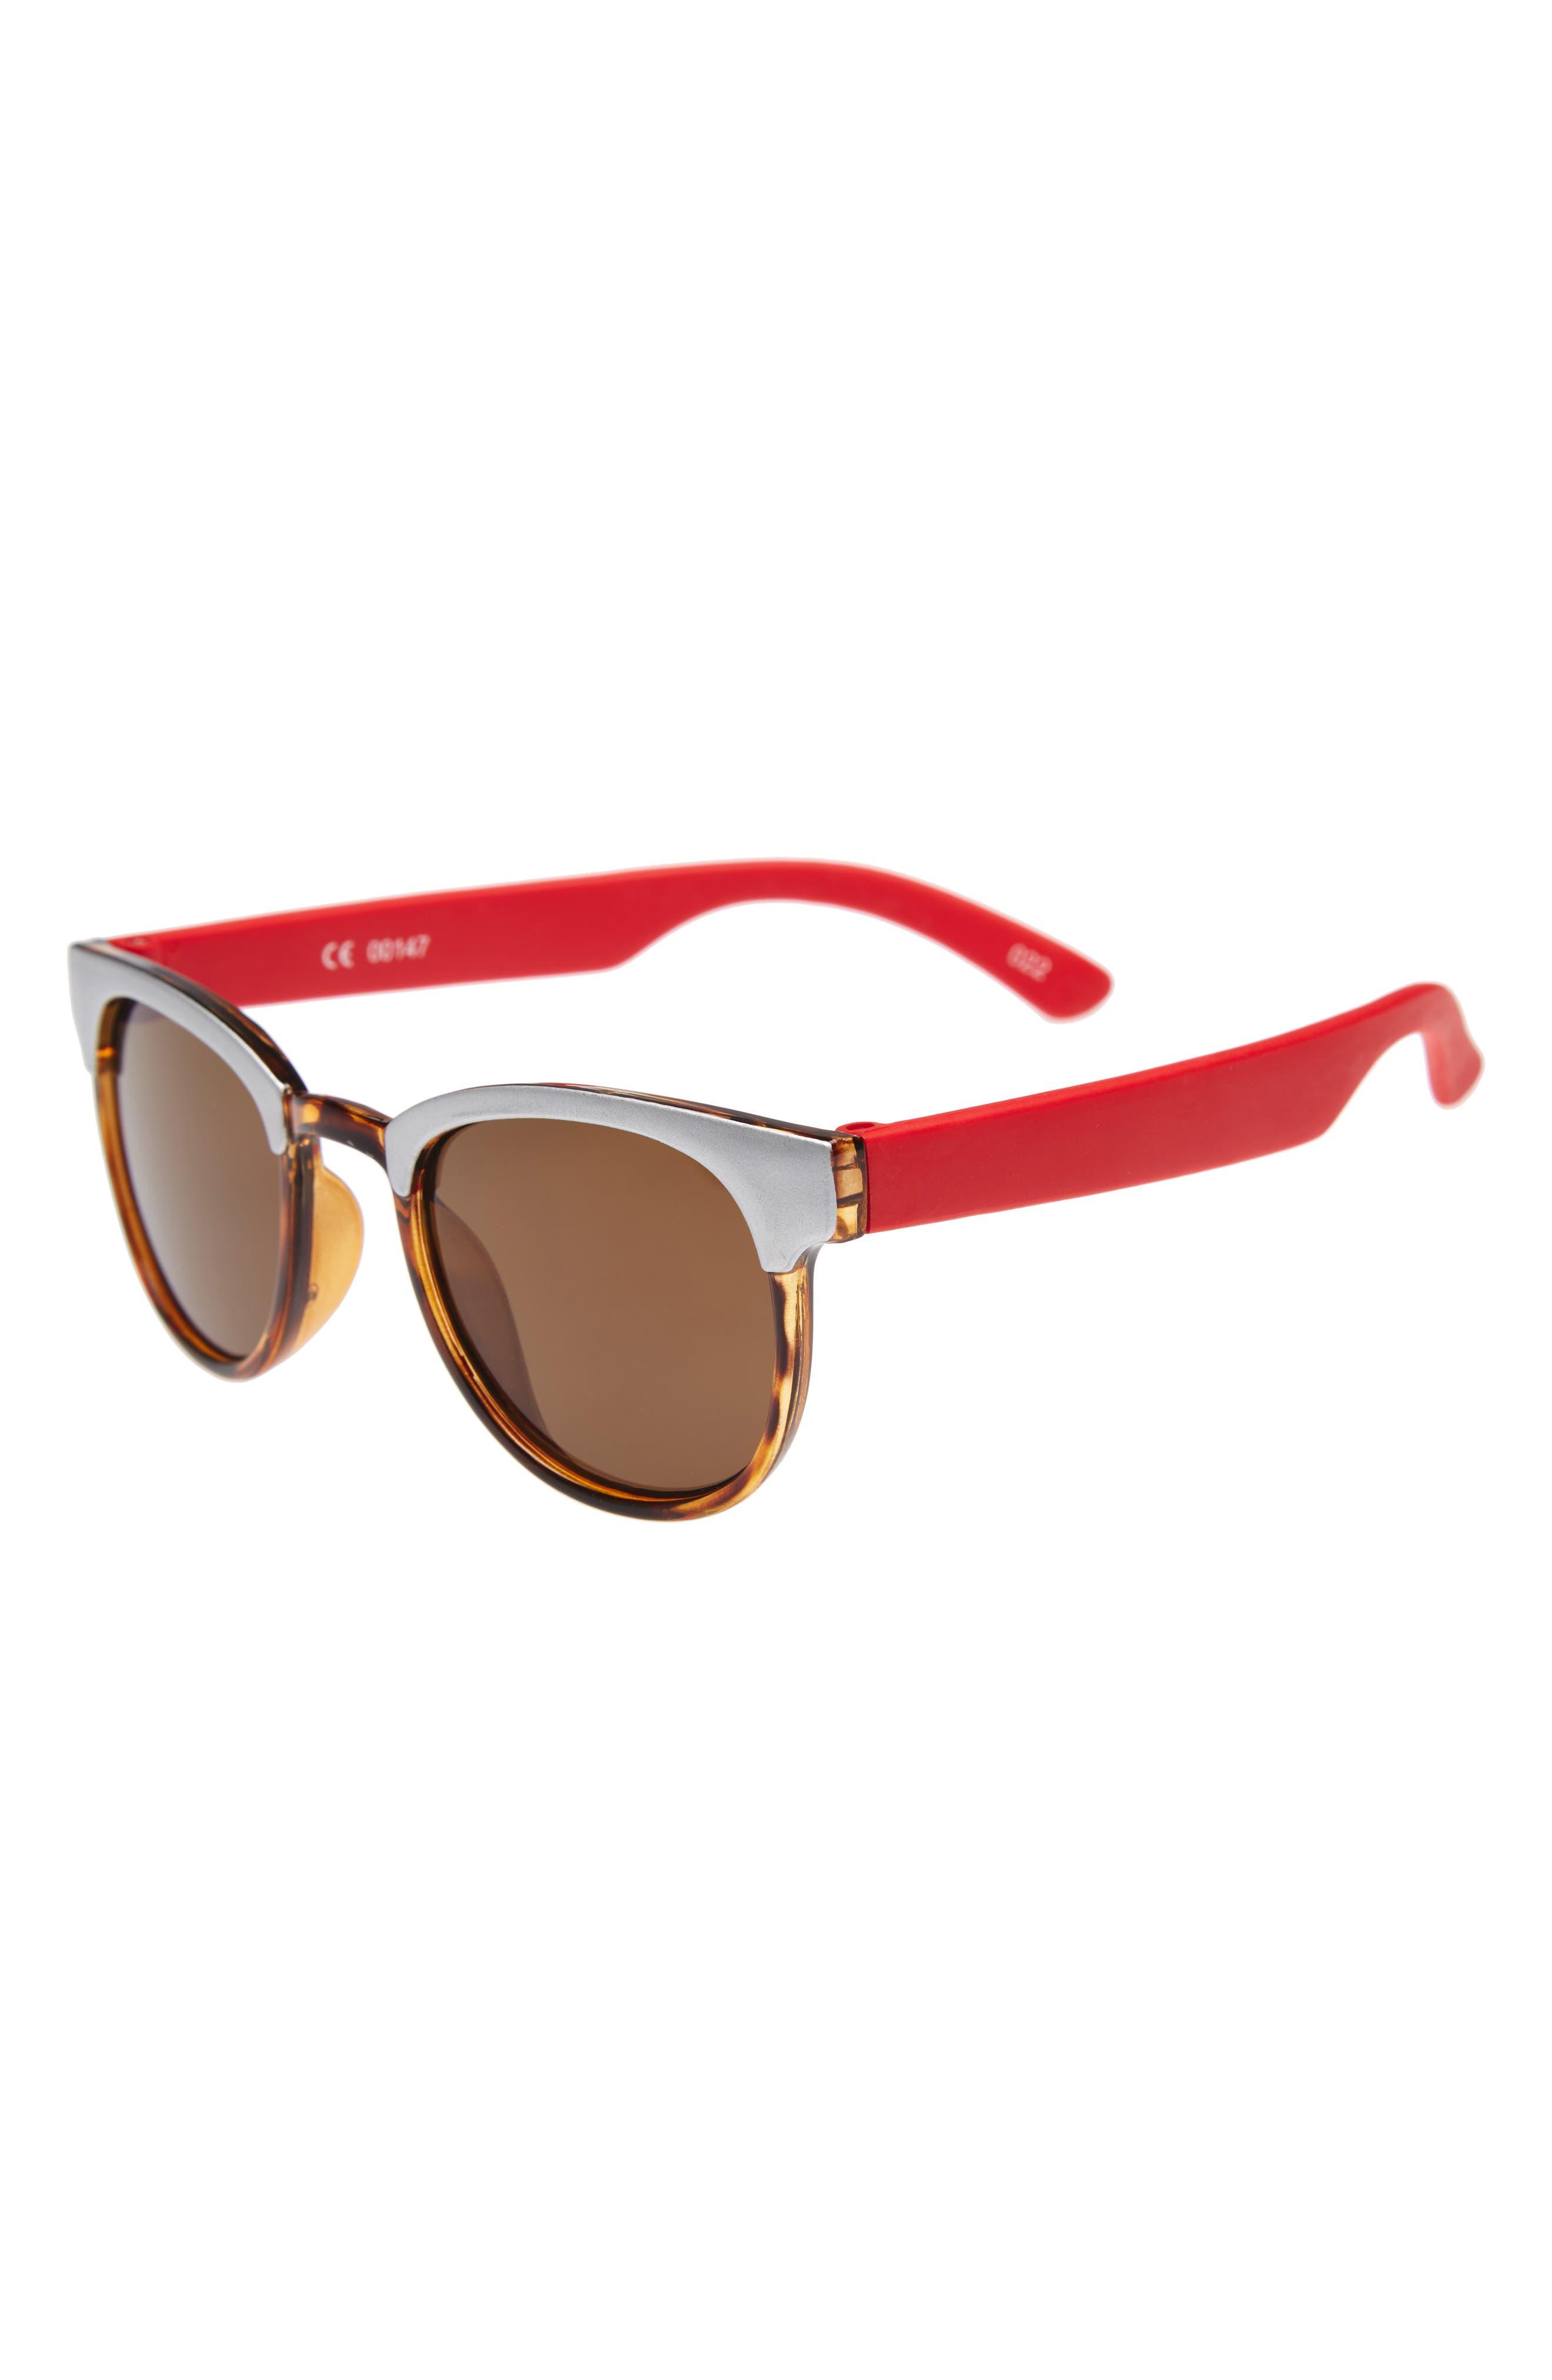 Starlight Accessories Sunglasses (Boys)